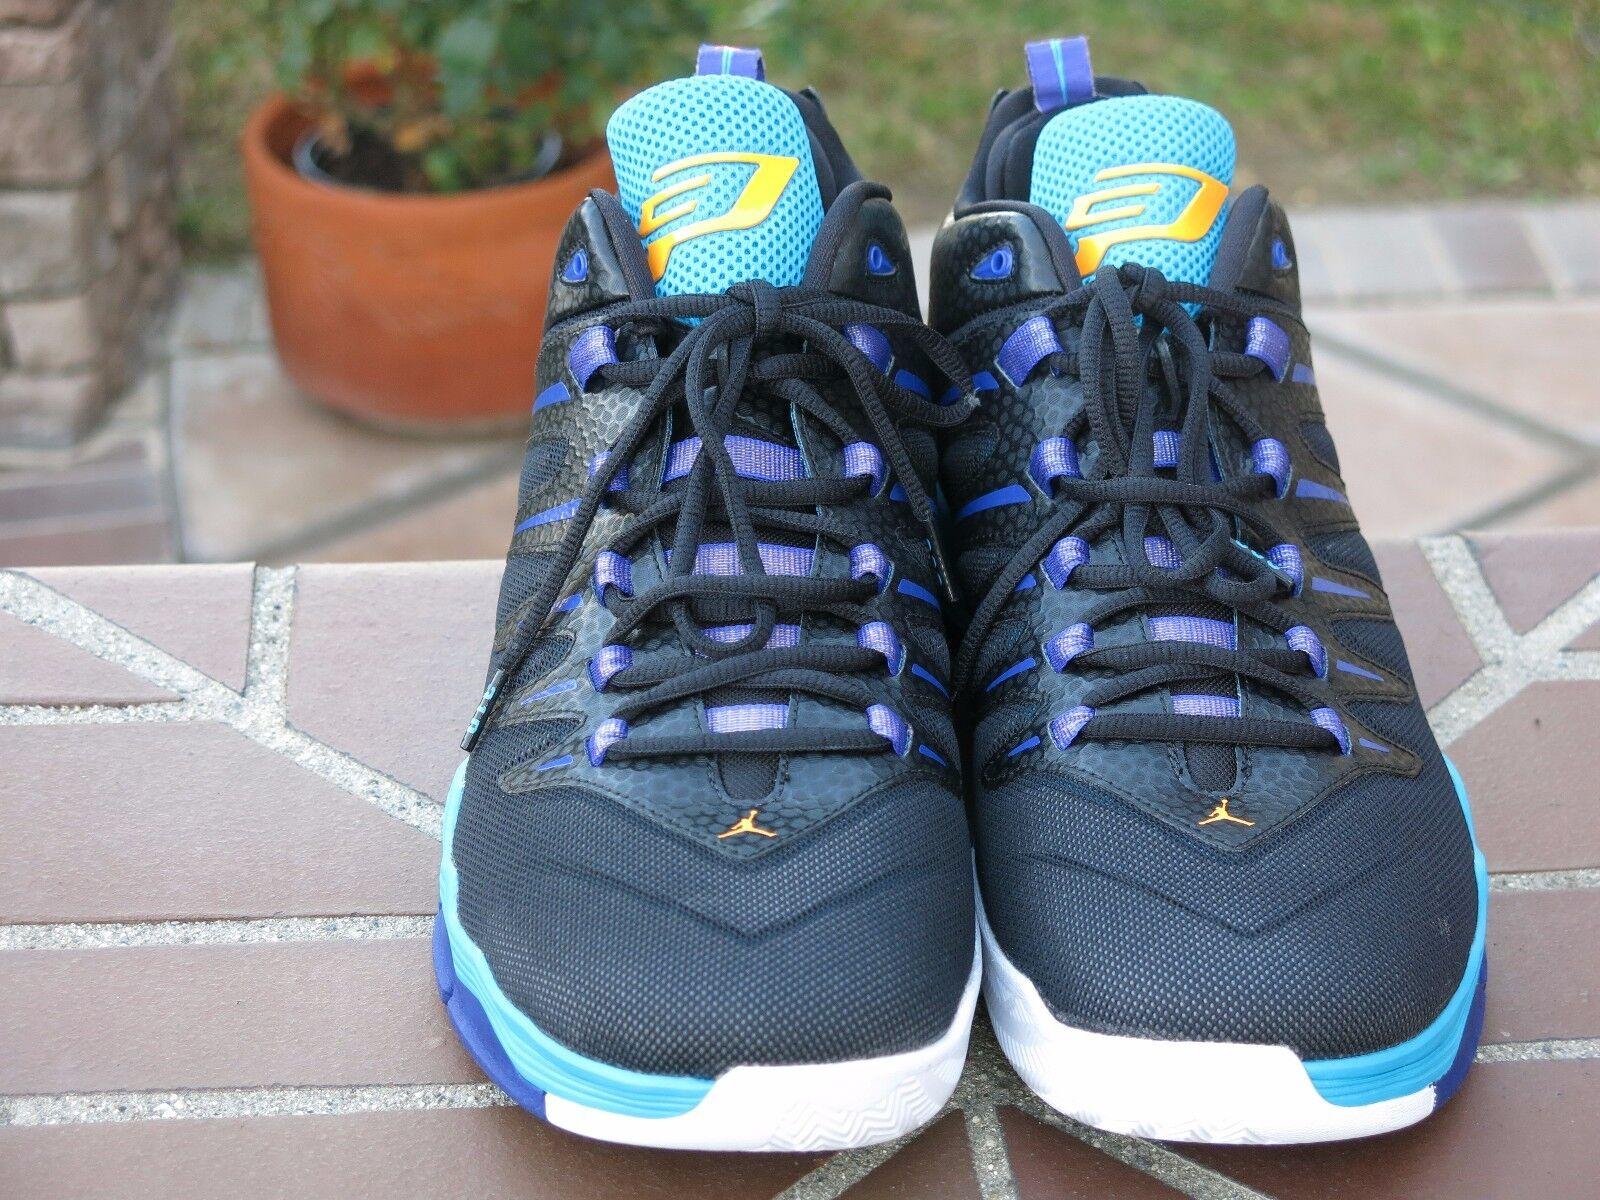 brand new 2652a 2a0f8 ... 2015 nike ix air jordan cp3 ix nike 9 uomini scarpe da basket  810868-035 ...